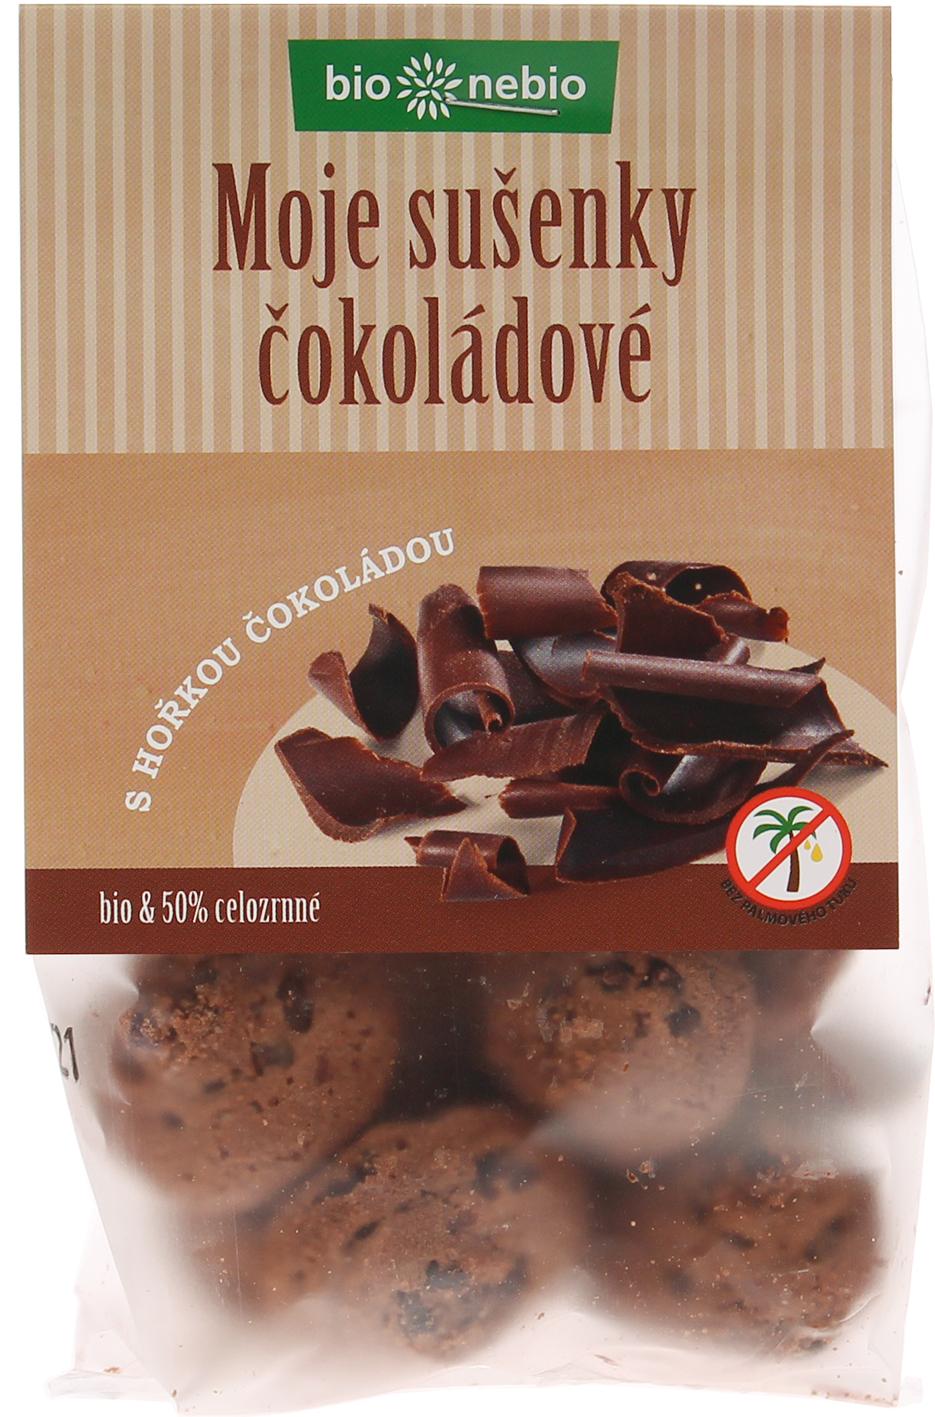 Bio MOJE SUŠENKY čokoládové bio*nebio 130 g